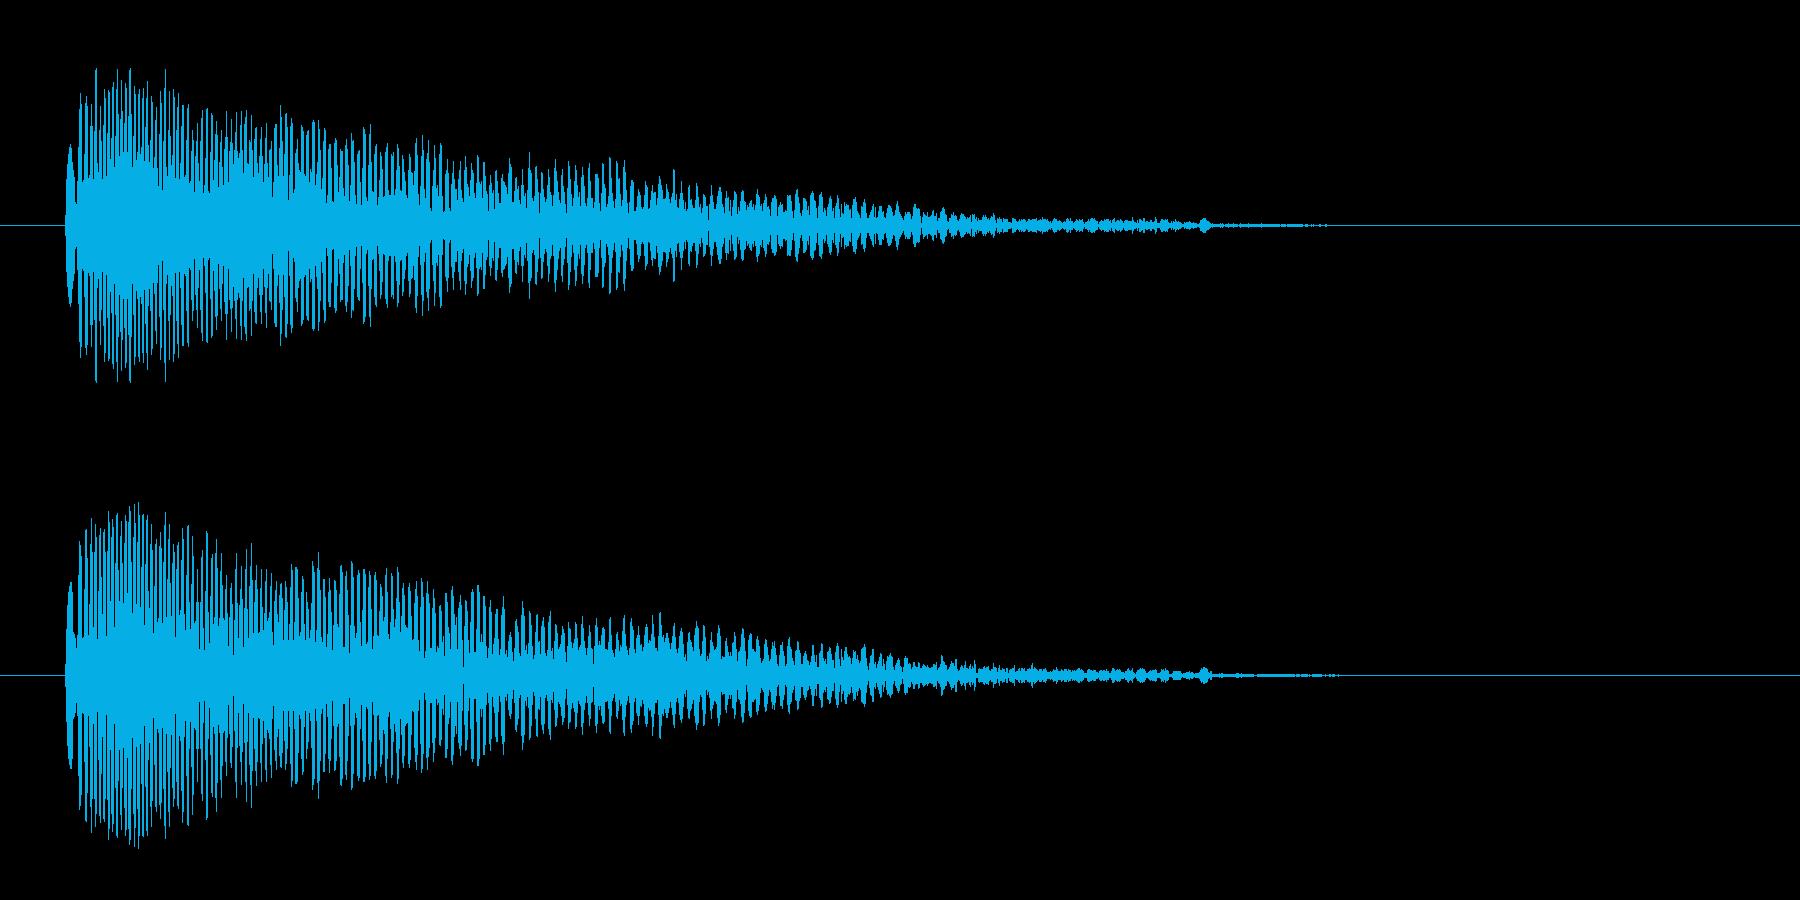 「ピュ〜!」警笛による鳥の鳴き声の擬音の再生済みの波形